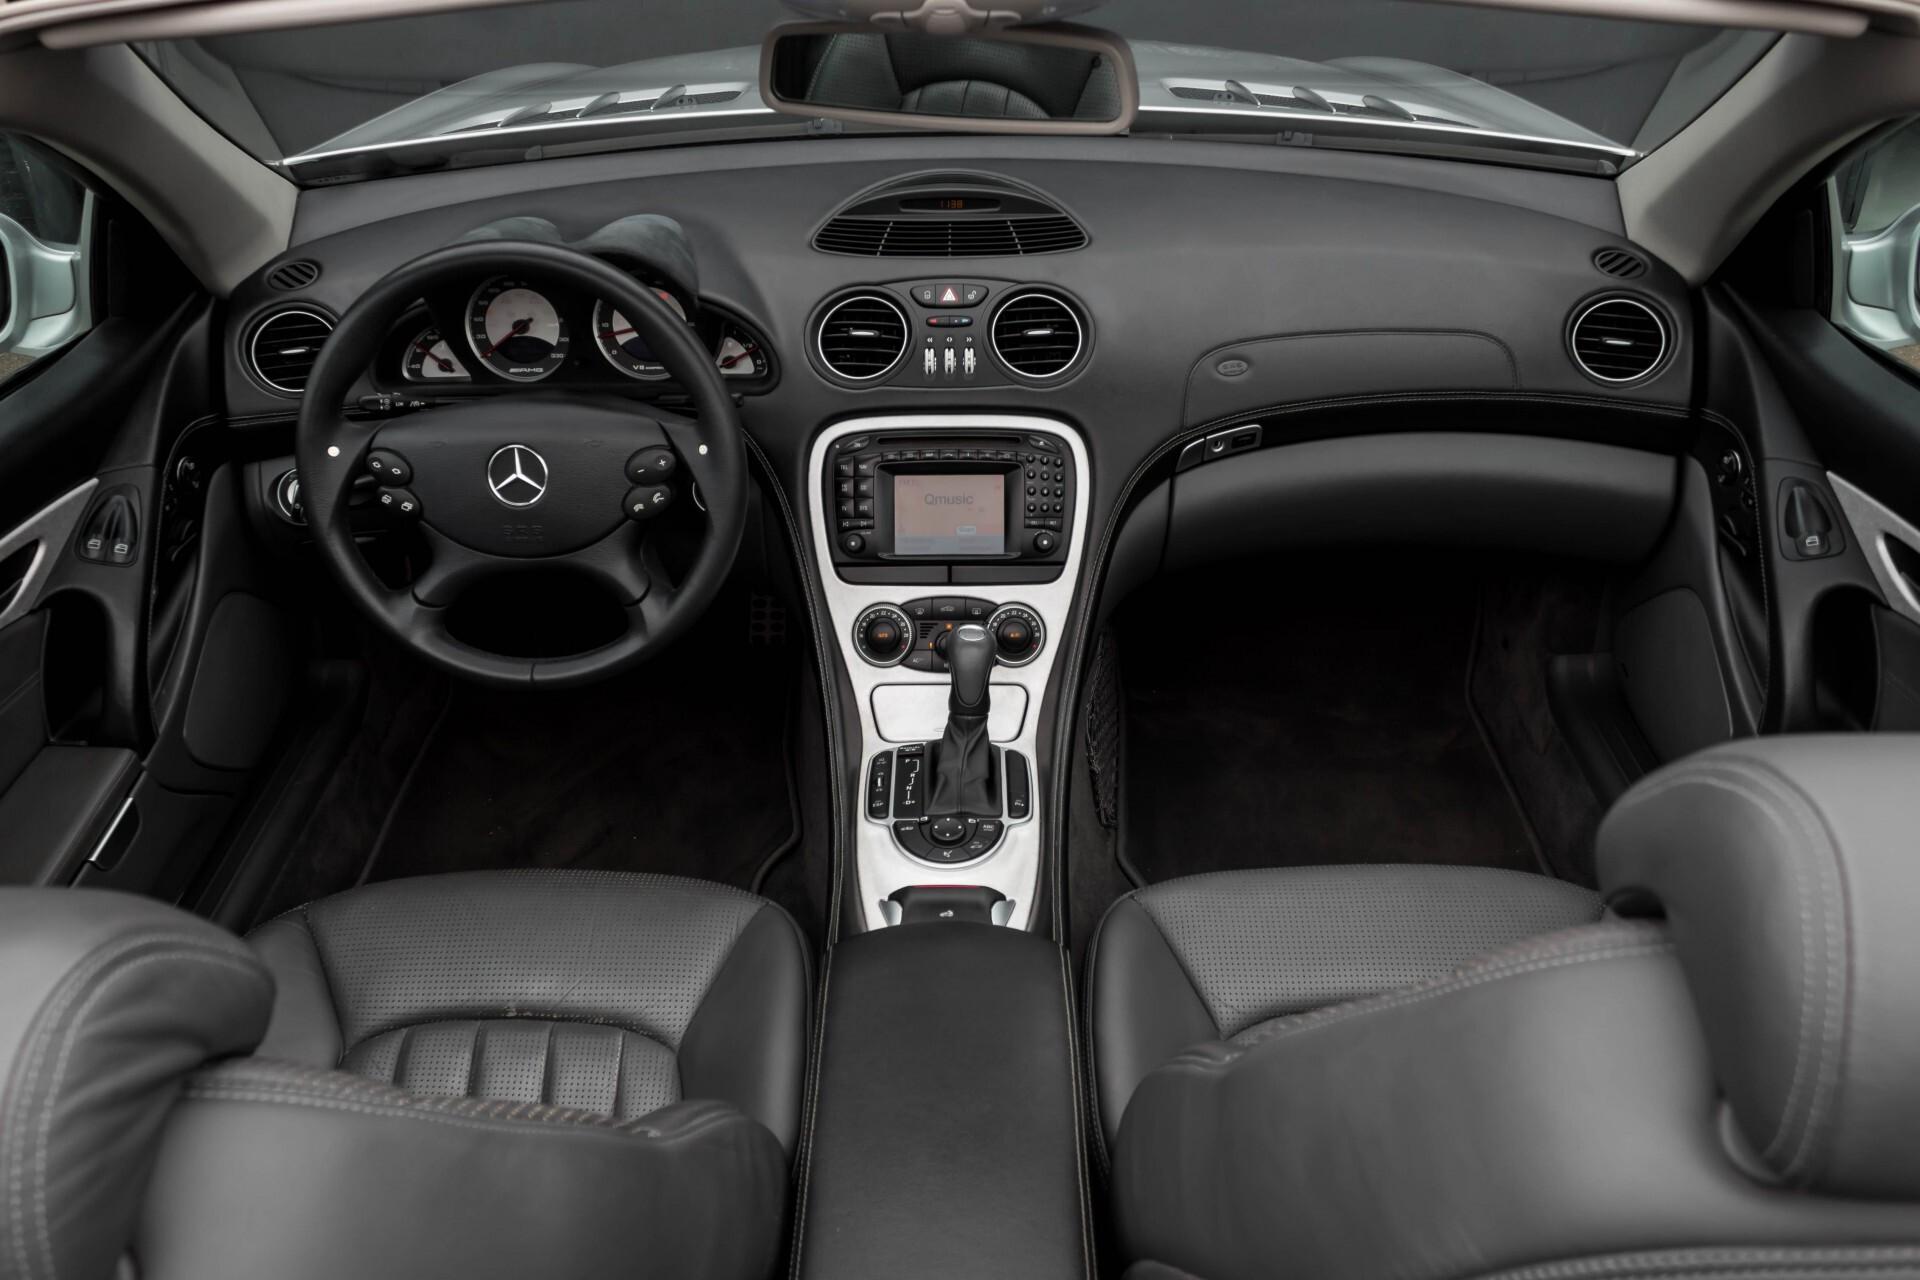 Mercedes-Benz SL-Klasse 55 AMG Aut5 in Nieuwstaat YOUNGTIMER Foto 9